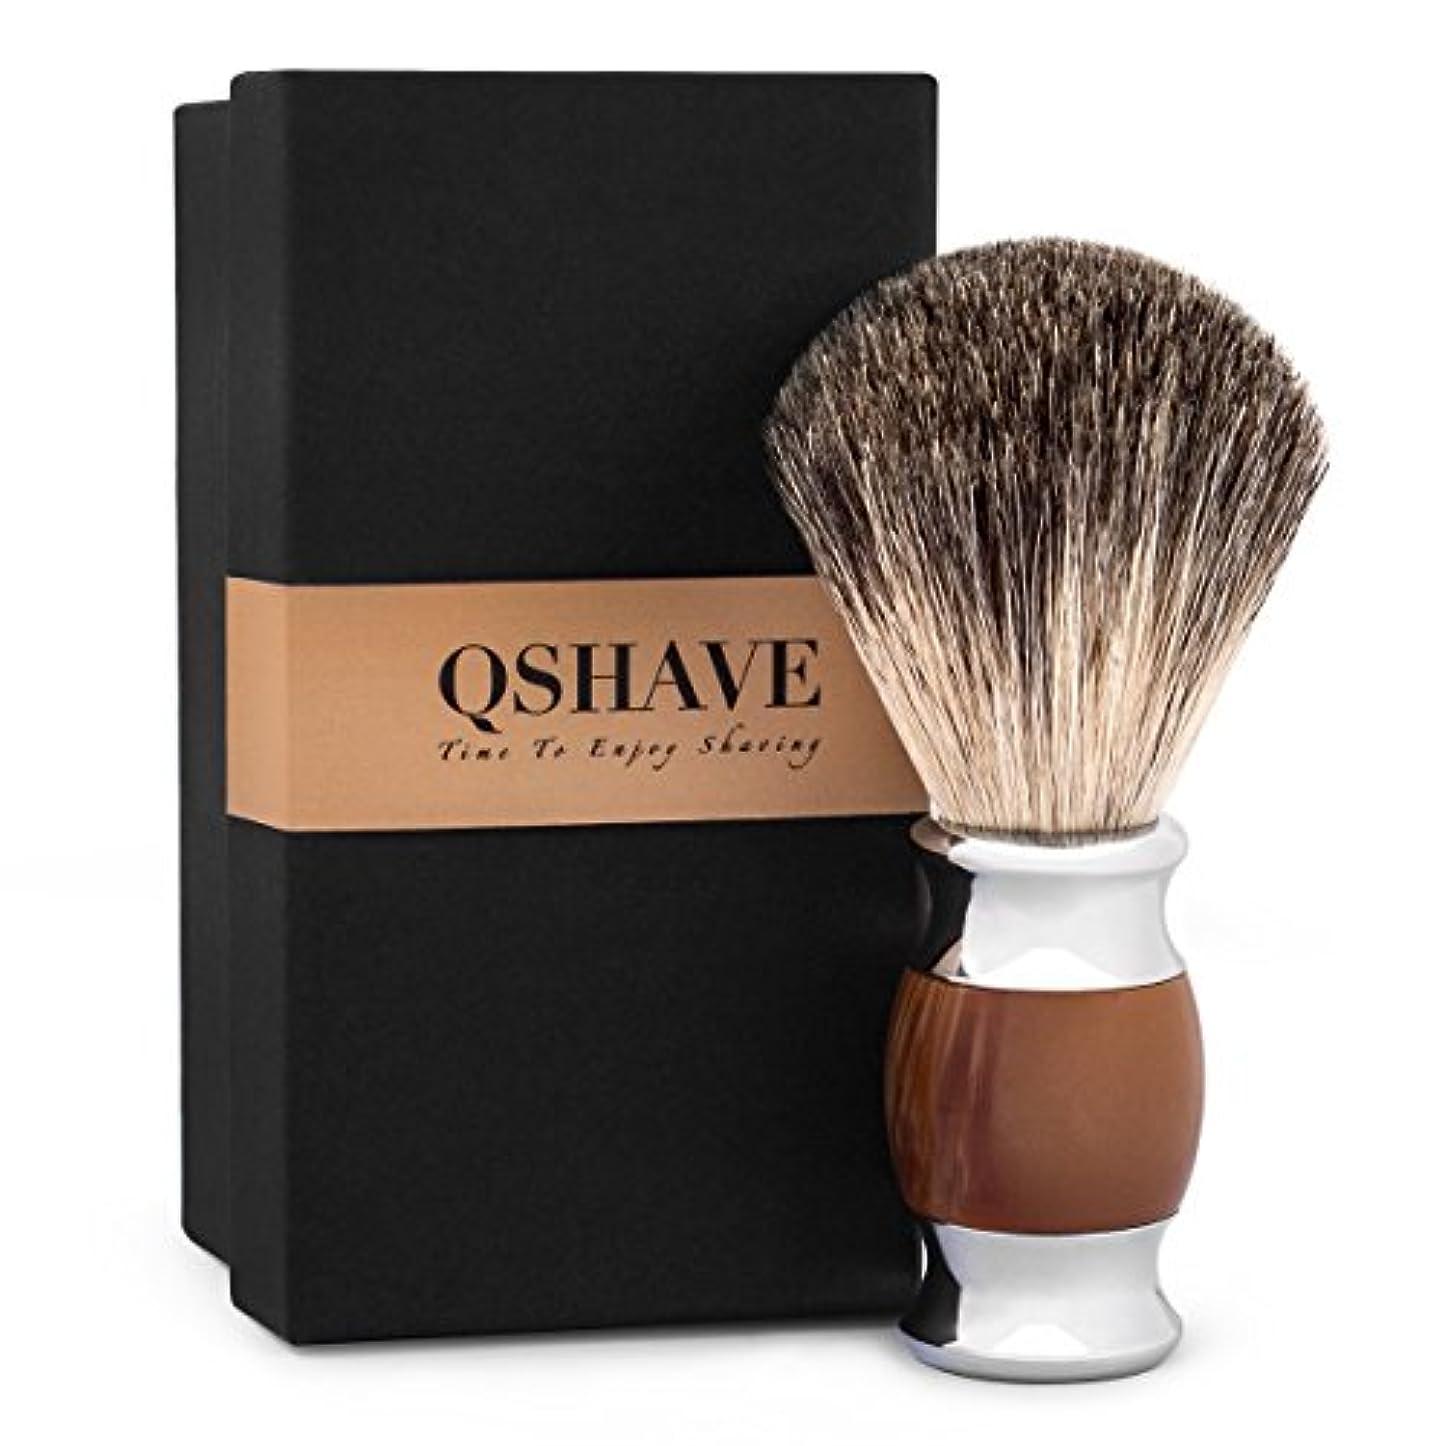 試してみる大統領登録するQSHAVE 100%最高級アナグマ毛オリジナルハンドメイドシェービングブラシ。人工メノウ ハンドル。ウェットシェービング、安全カミソリ、両刃カミソリに最適